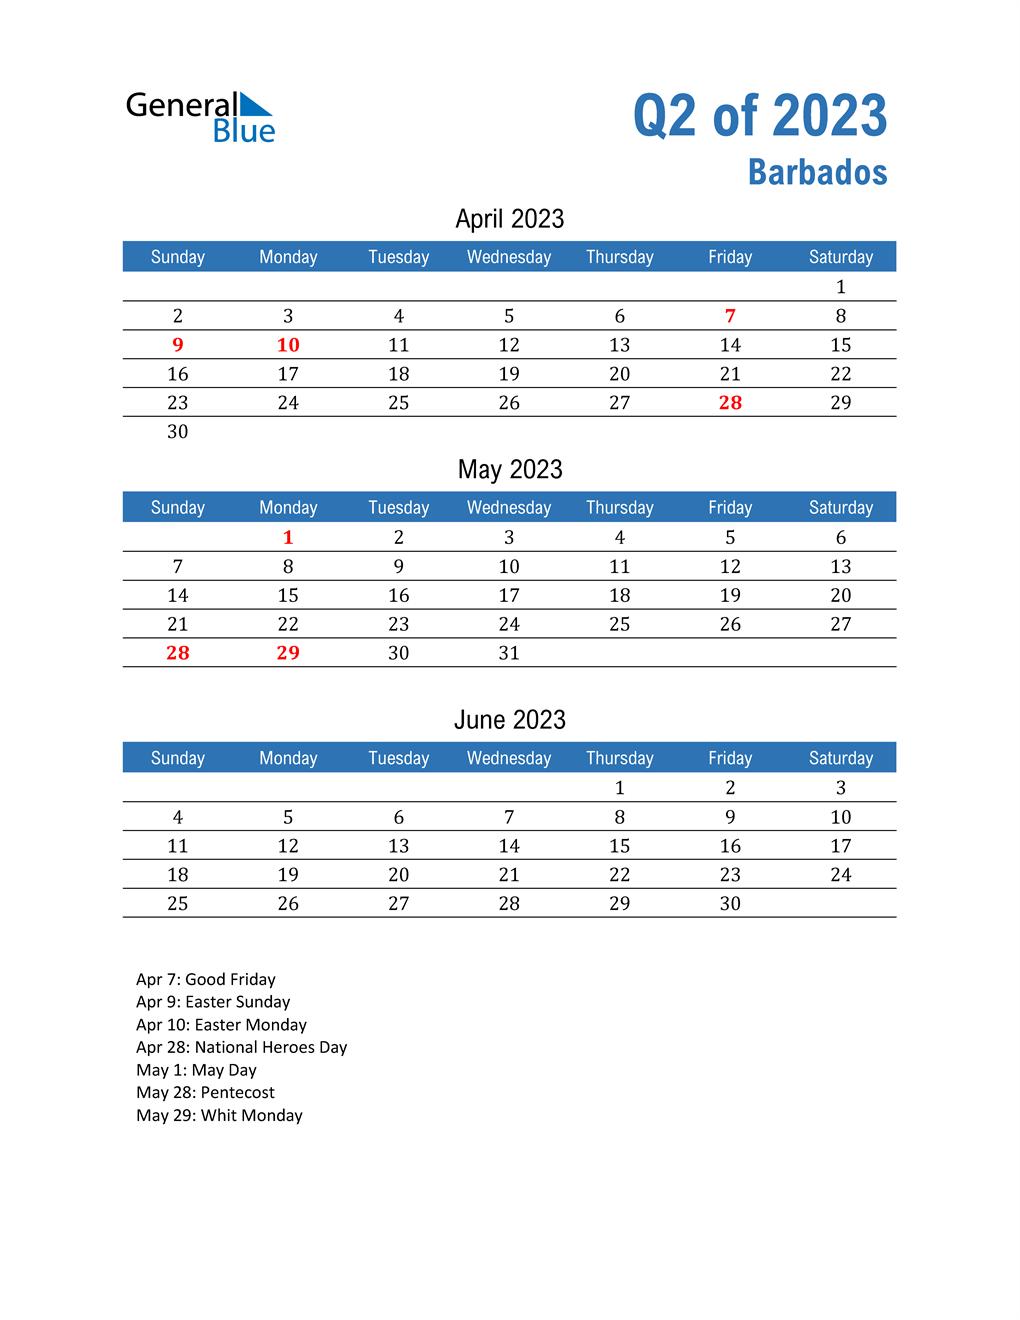 Barbados 2023 Quarterly Calendar